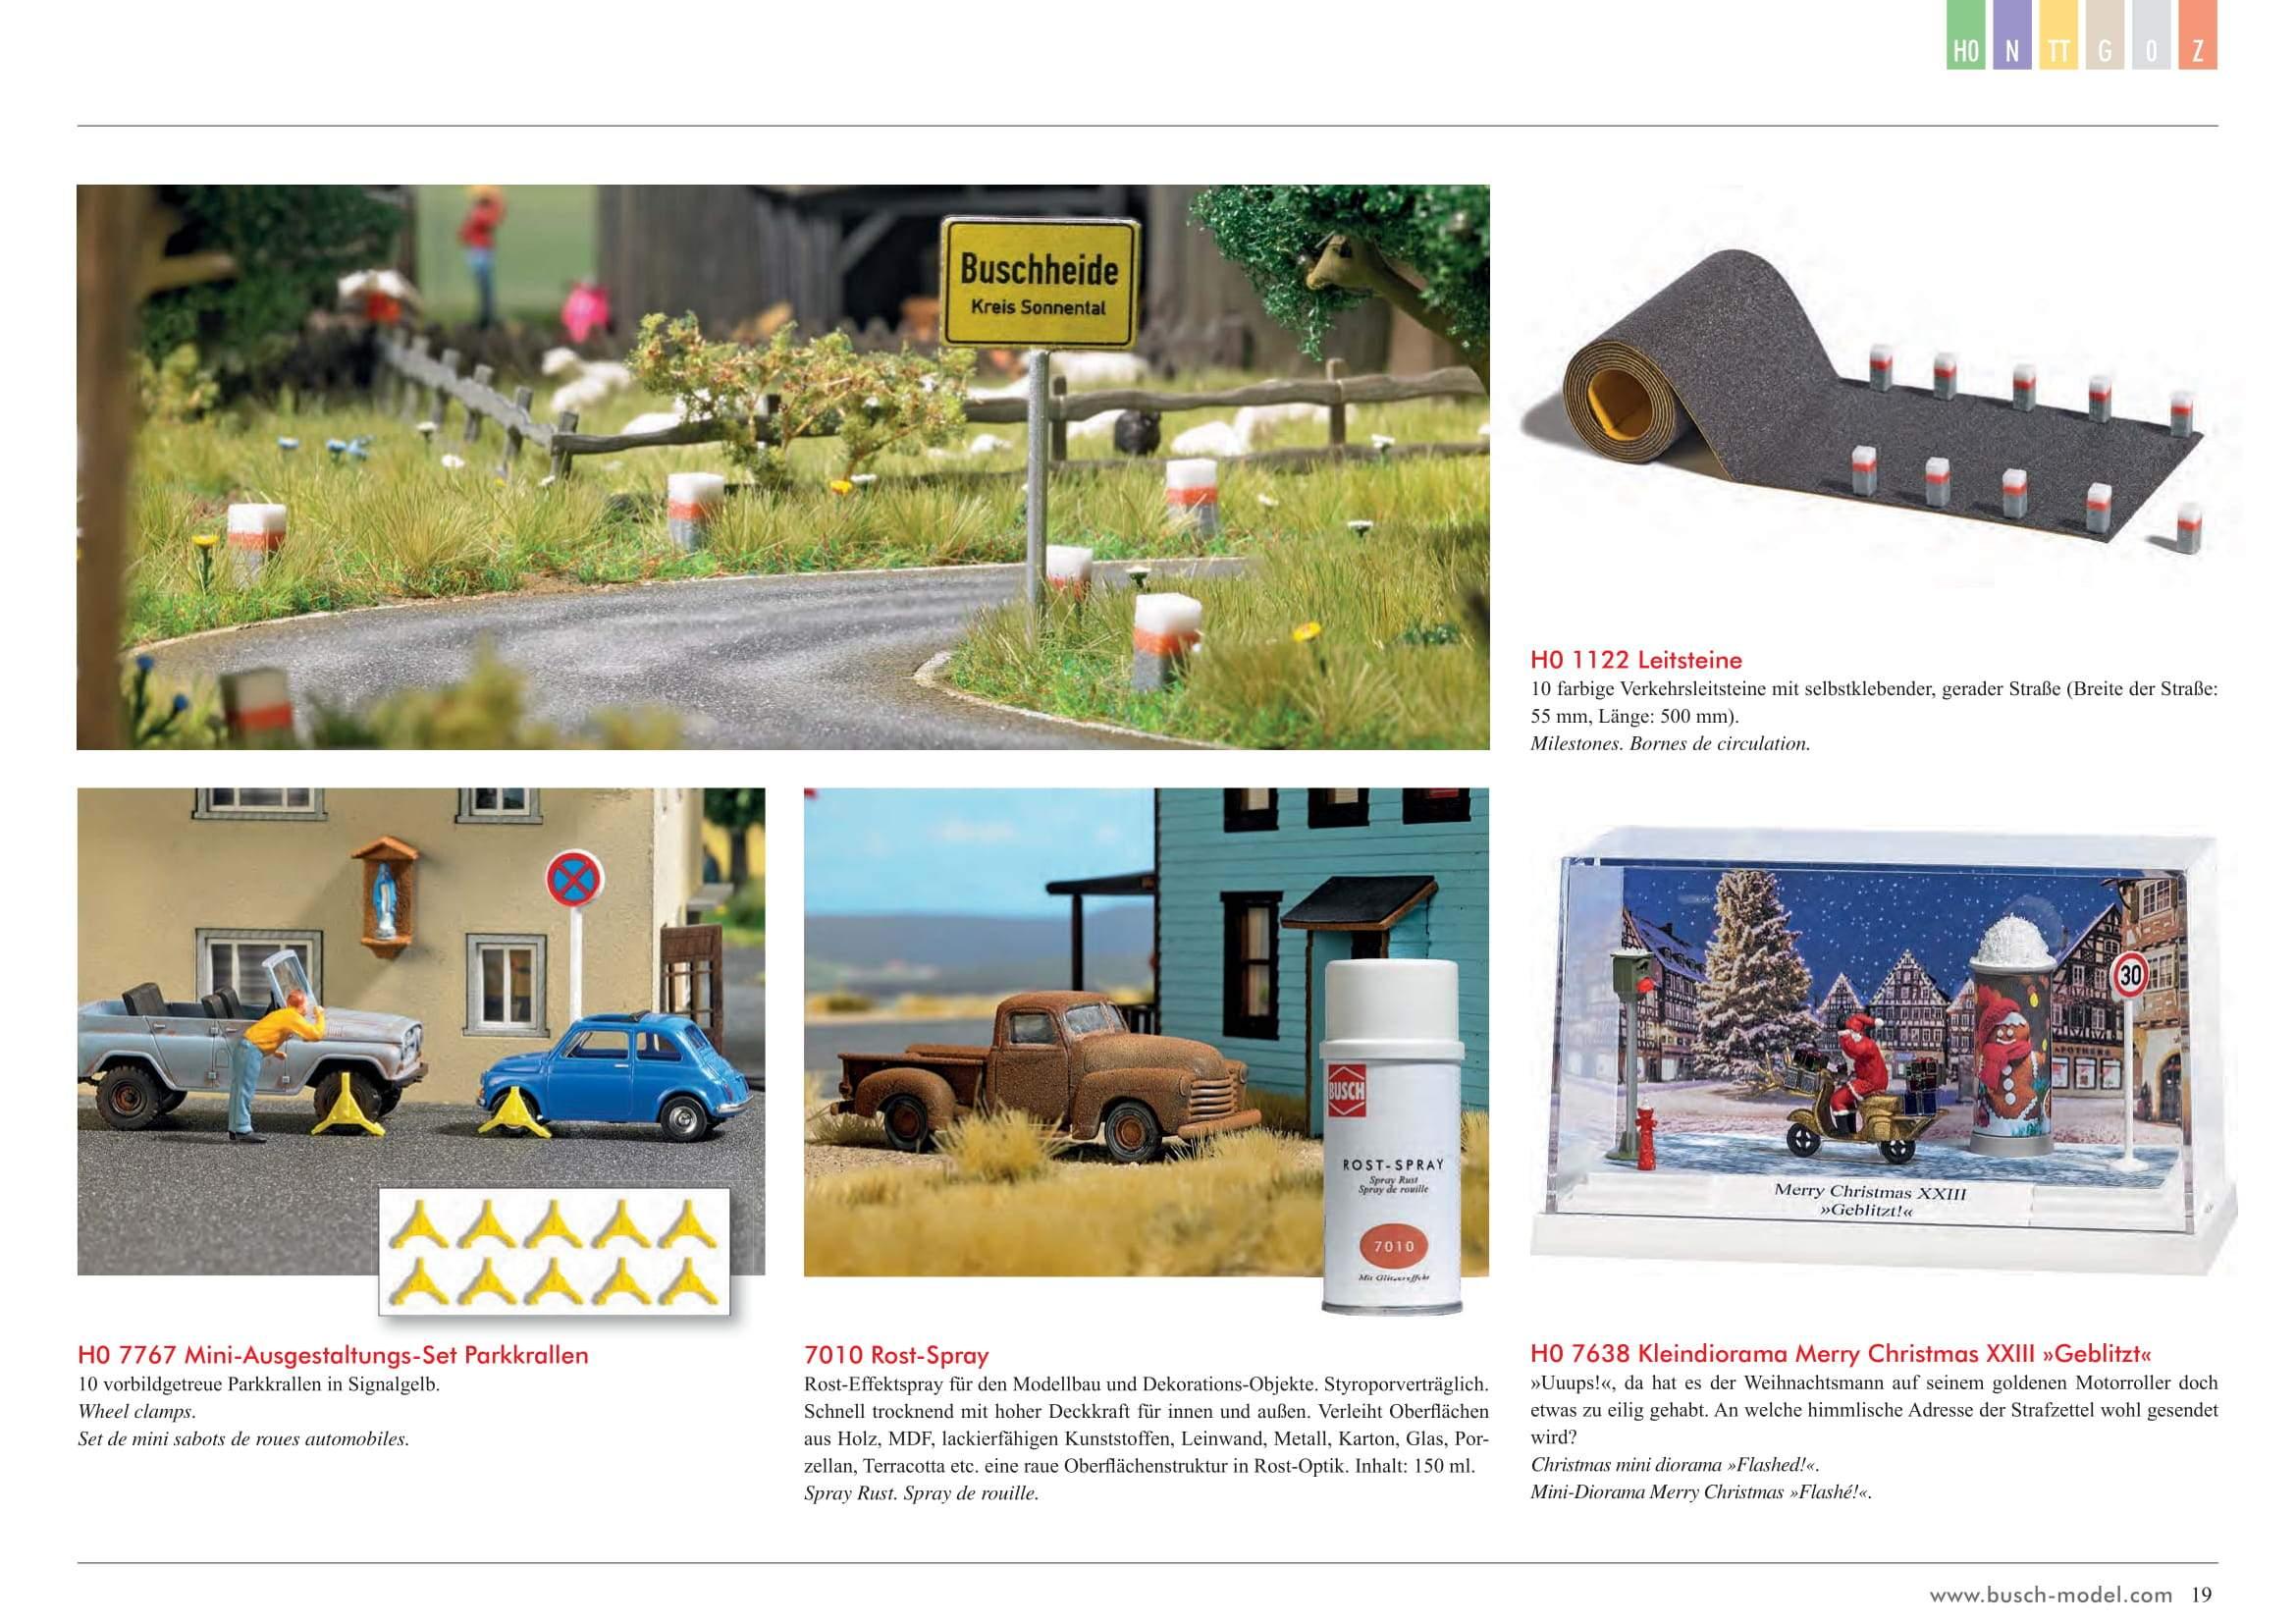 garten pflanztisch neu busch news 2019 toylandhobbymodelingmagazine of garten pflanztisch